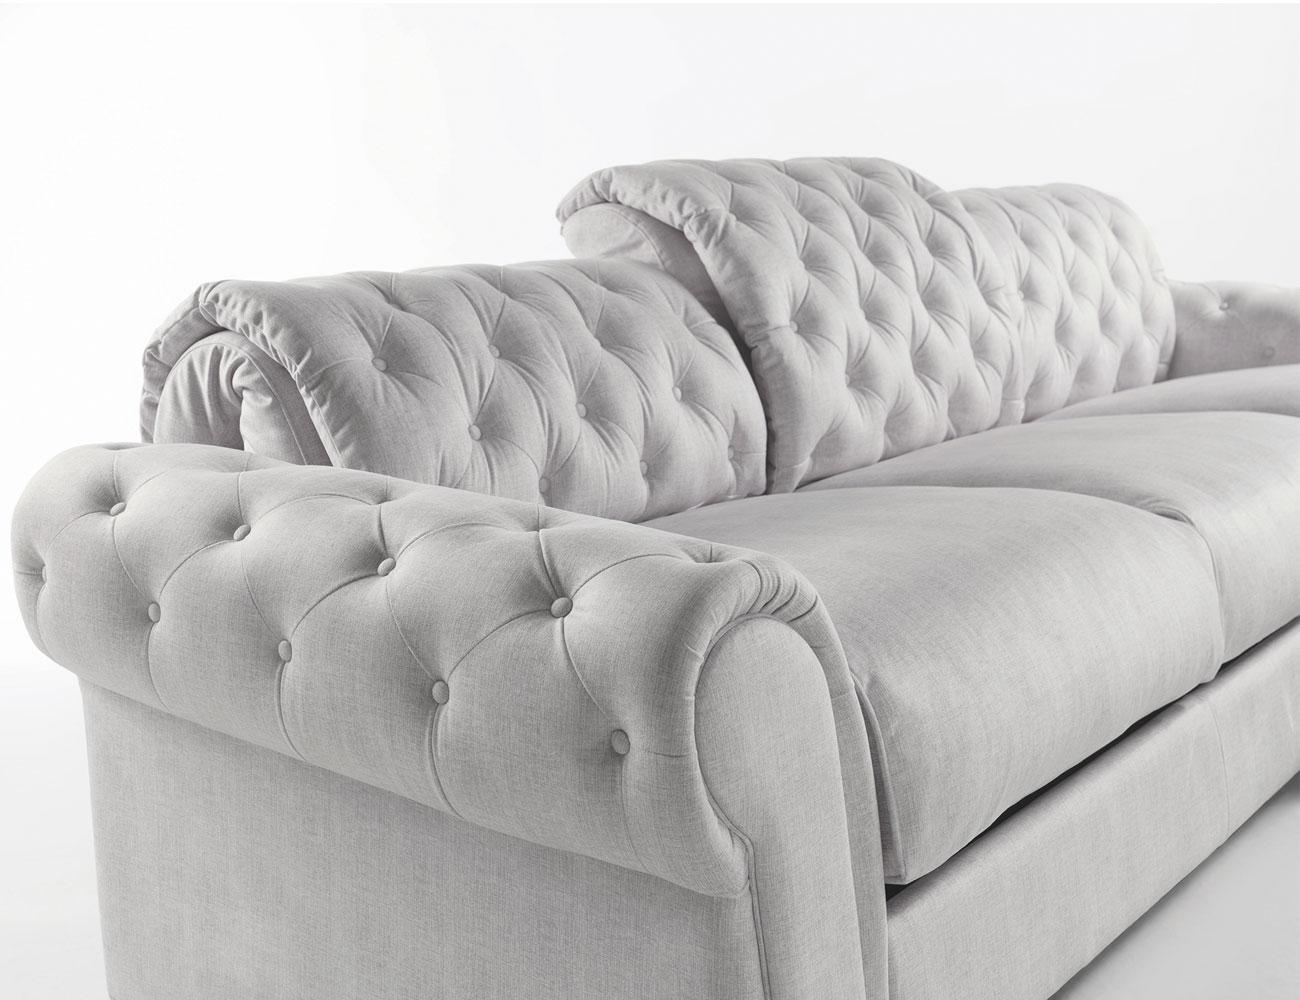 Sofa chaiselongue gran lujo decorativo capitone blanco tela 19